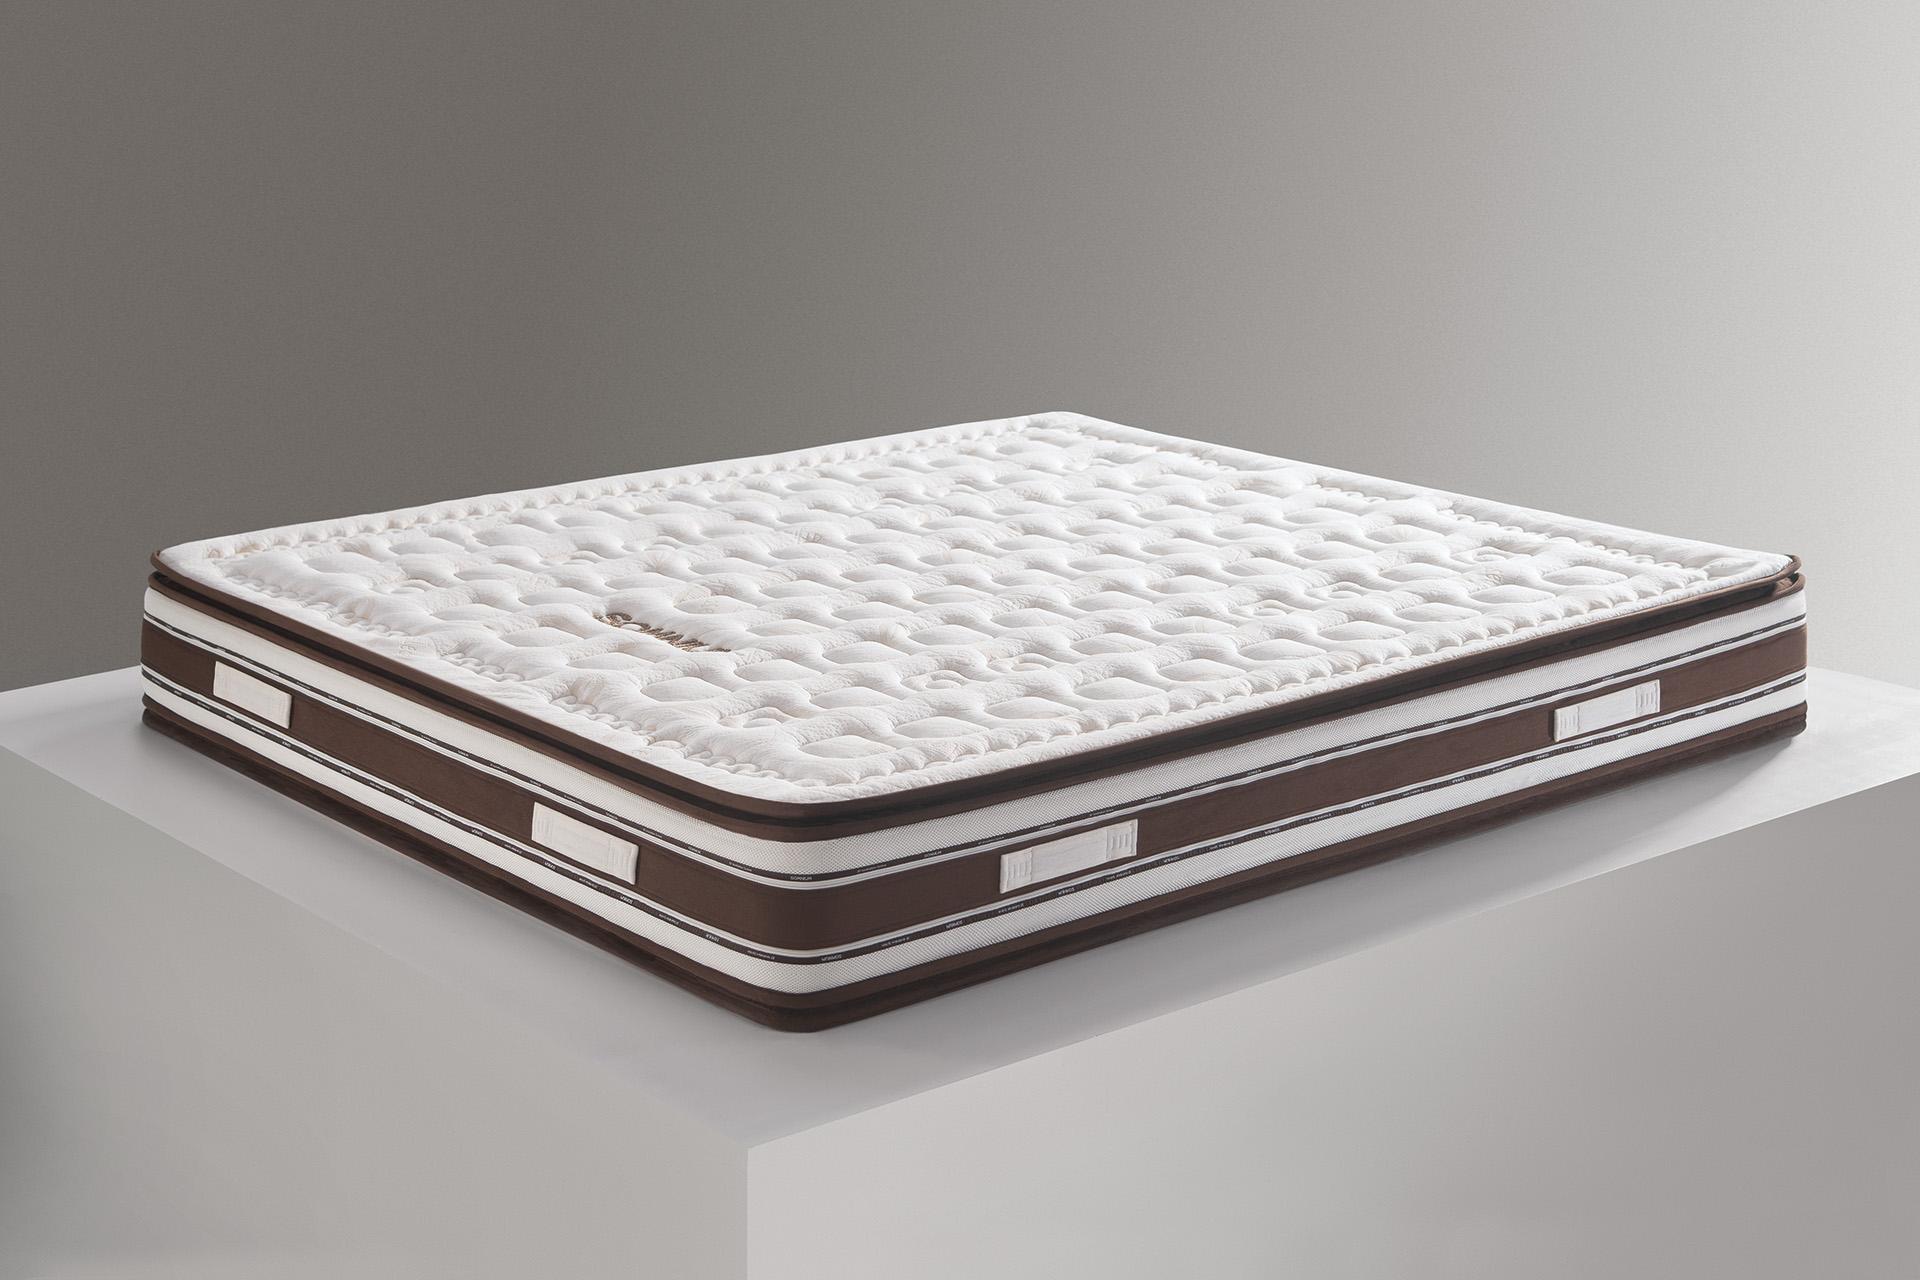 Manutenzione Materasso In Lattice desiderio con sottofodera antistress somnium: materasso in